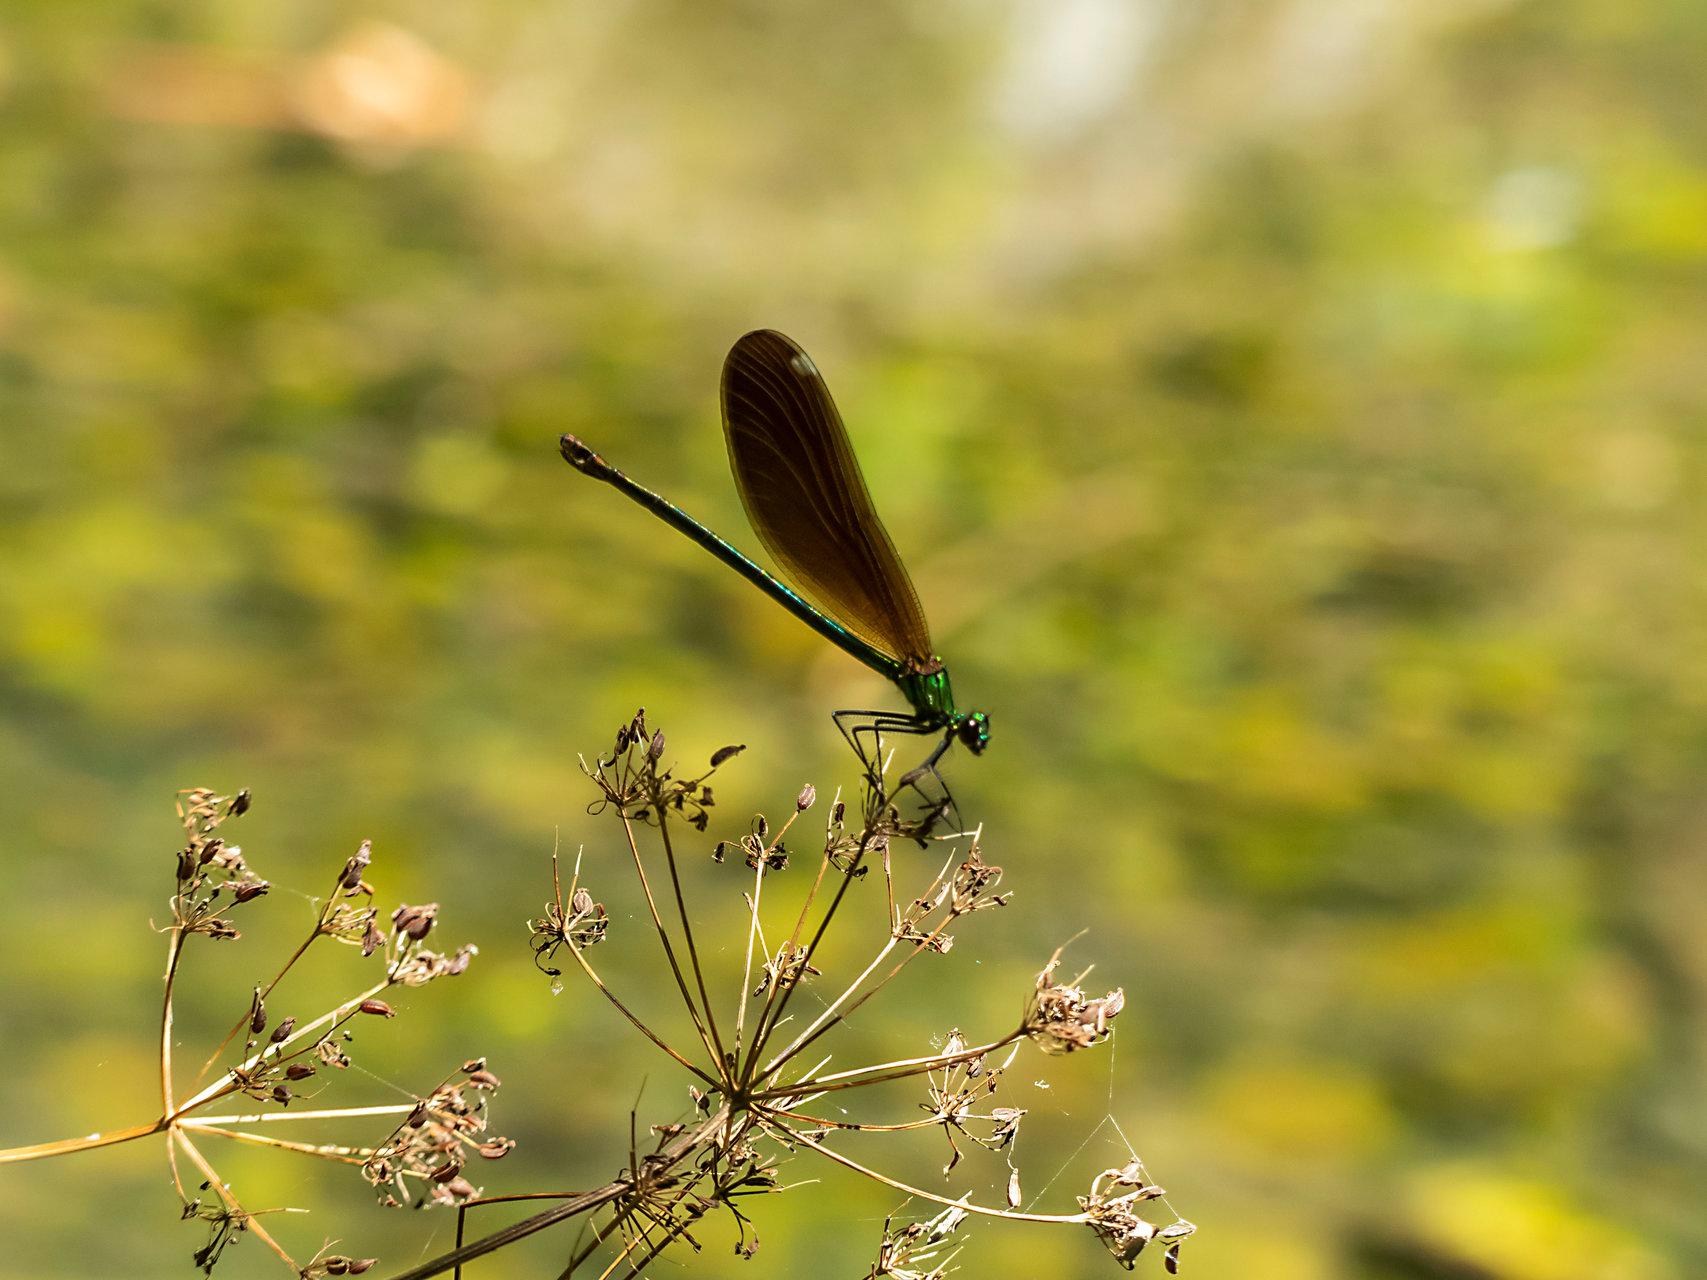 Photo in Wild life | Author petrov_m | PHOTO FORUM